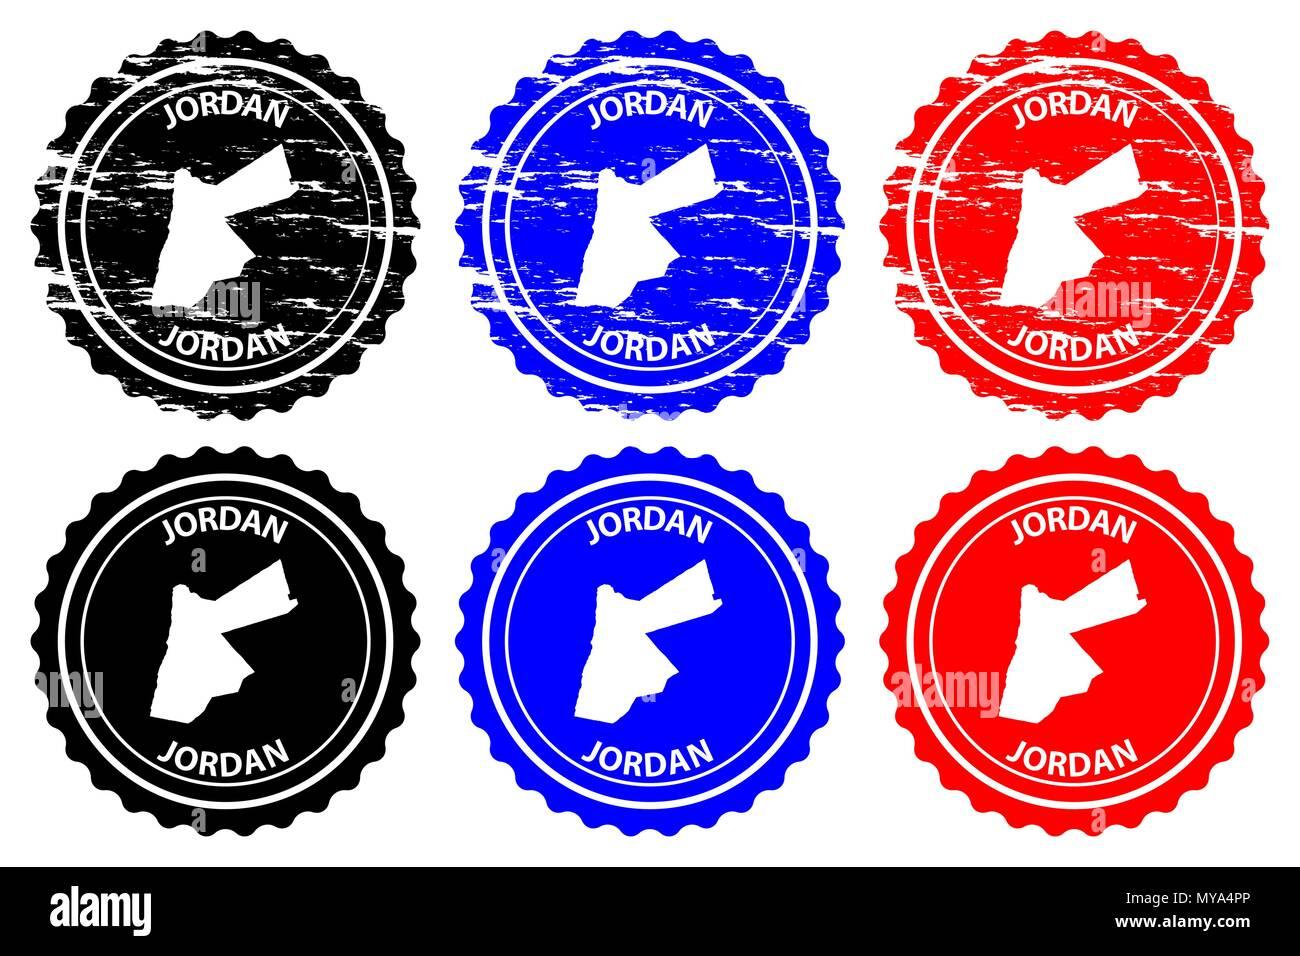 Jordan Rubber Stamp Vector The Hashemite Kingdom Of Jordan Map